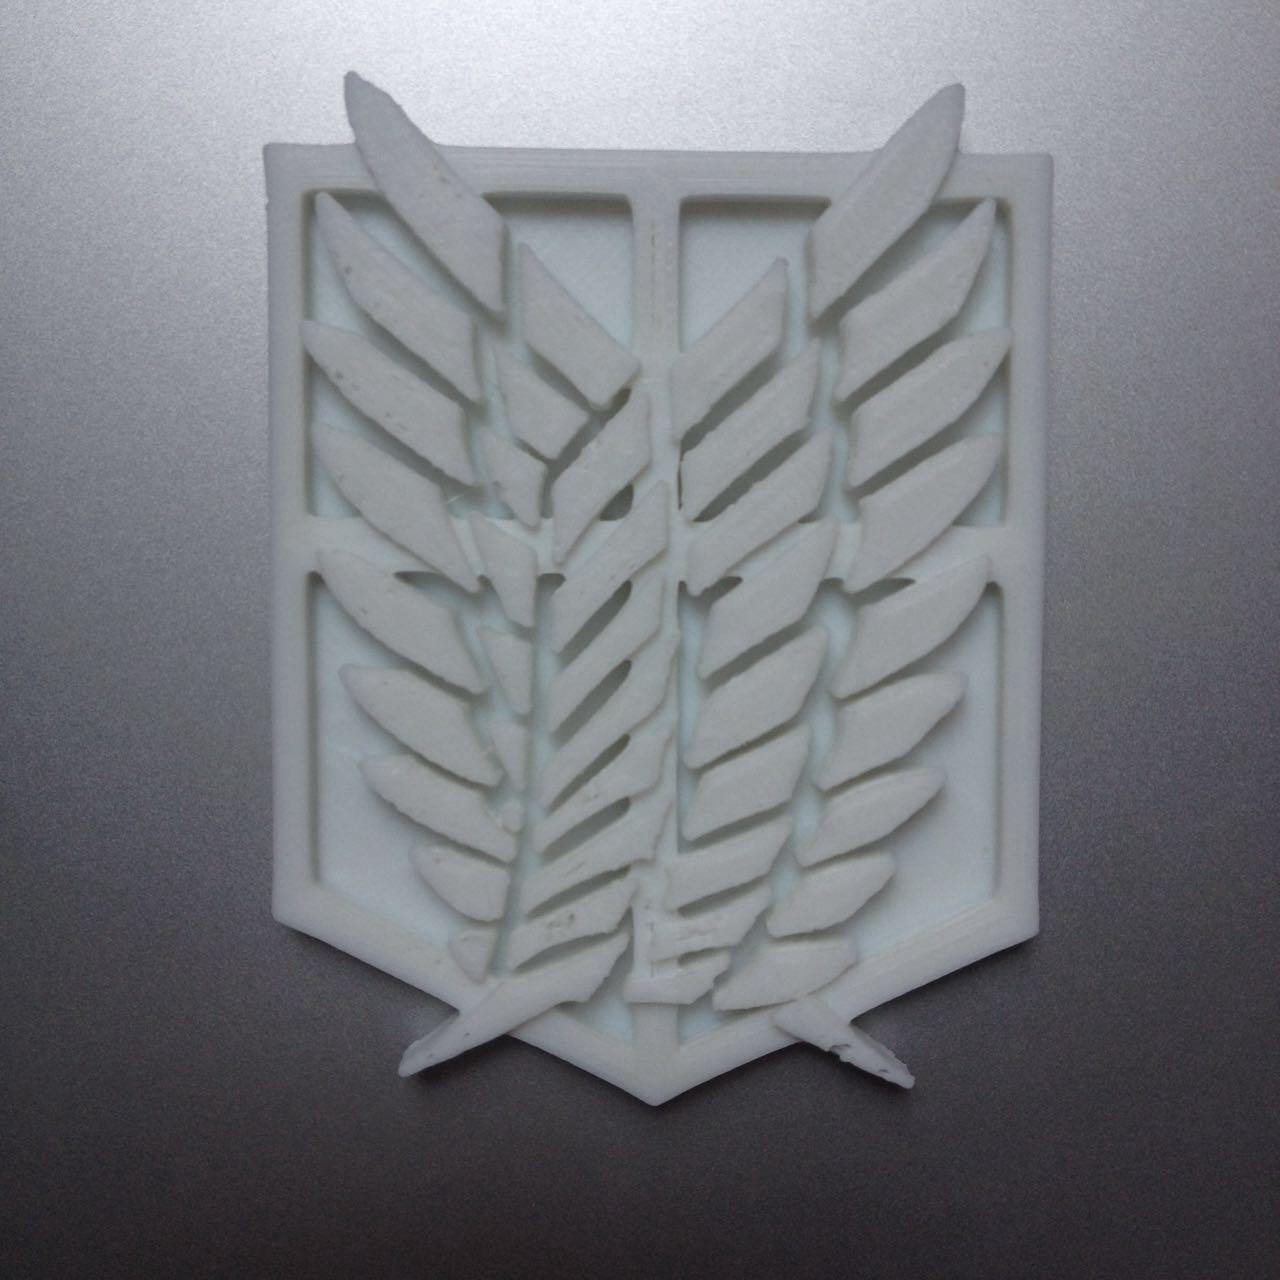 调查兵团徽章【初级版】3D打印模型,调查兵团徽章【初级版】3D模型下载,3D打印调查兵团徽章【初级版】模型下载,调查兵团徽章【初级版】3D模型,调查兵团徽章【初级版】STL格式文件,调查兵团徽章【初级版】3D打印模型免费下载,3D打印模型库